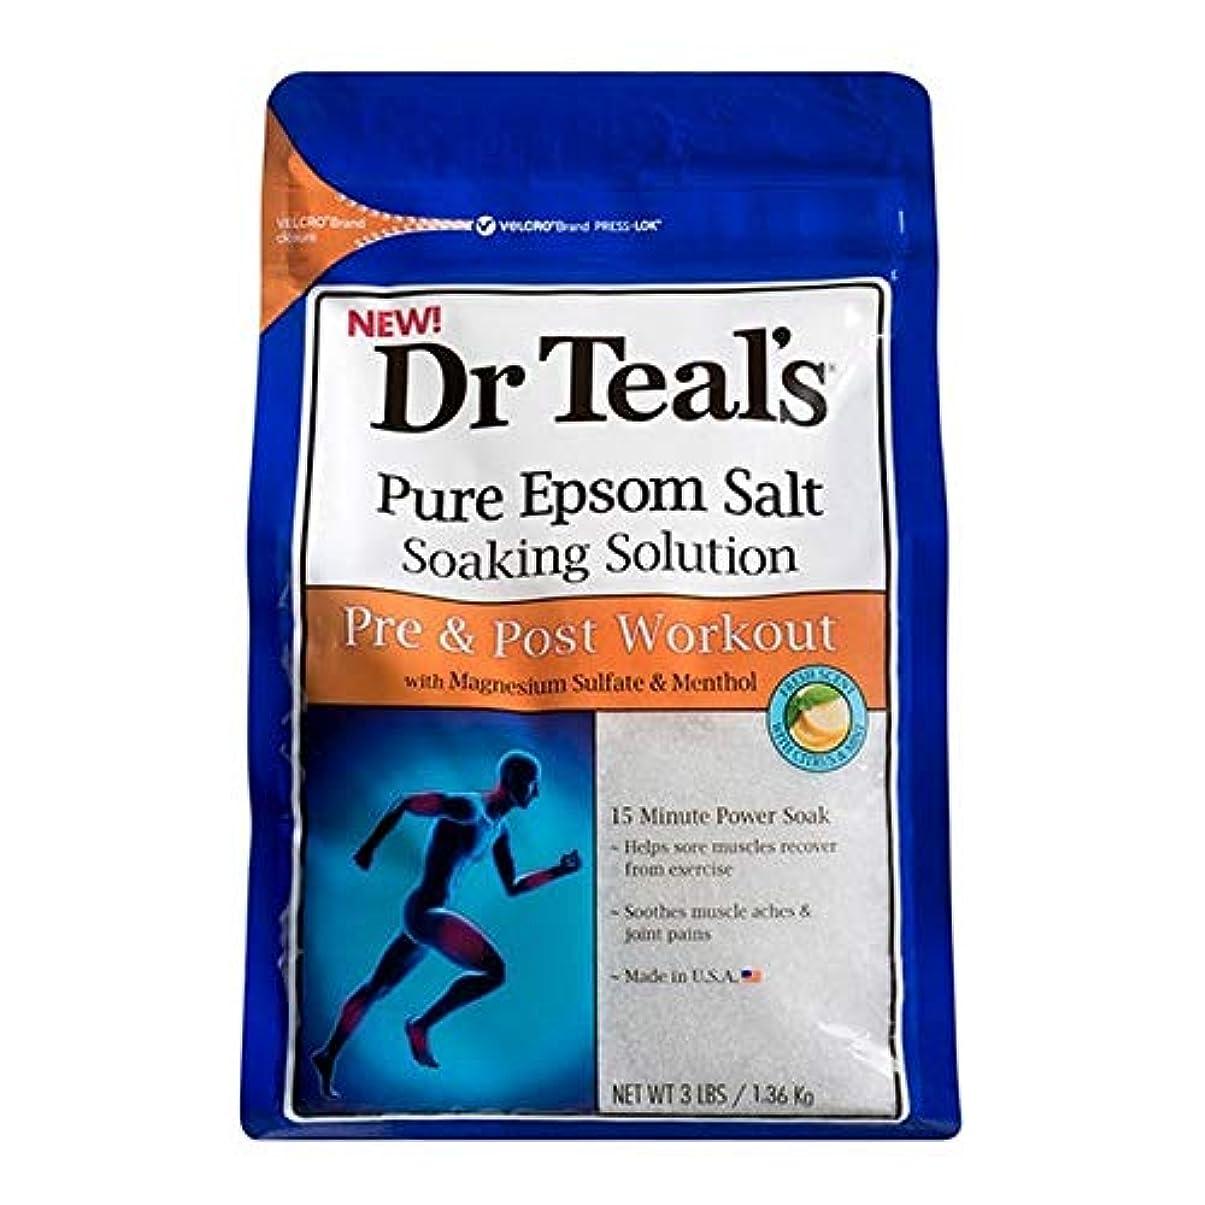 水銀の機知に富んだ騒[Dr Teals] Drのティールの均熱Bathsalt前N個のポストワークアウト1.36キロ - Dr Teal's Soaking Bathsalt Pre N Post Workout 1.36 kg [並行輸入品]